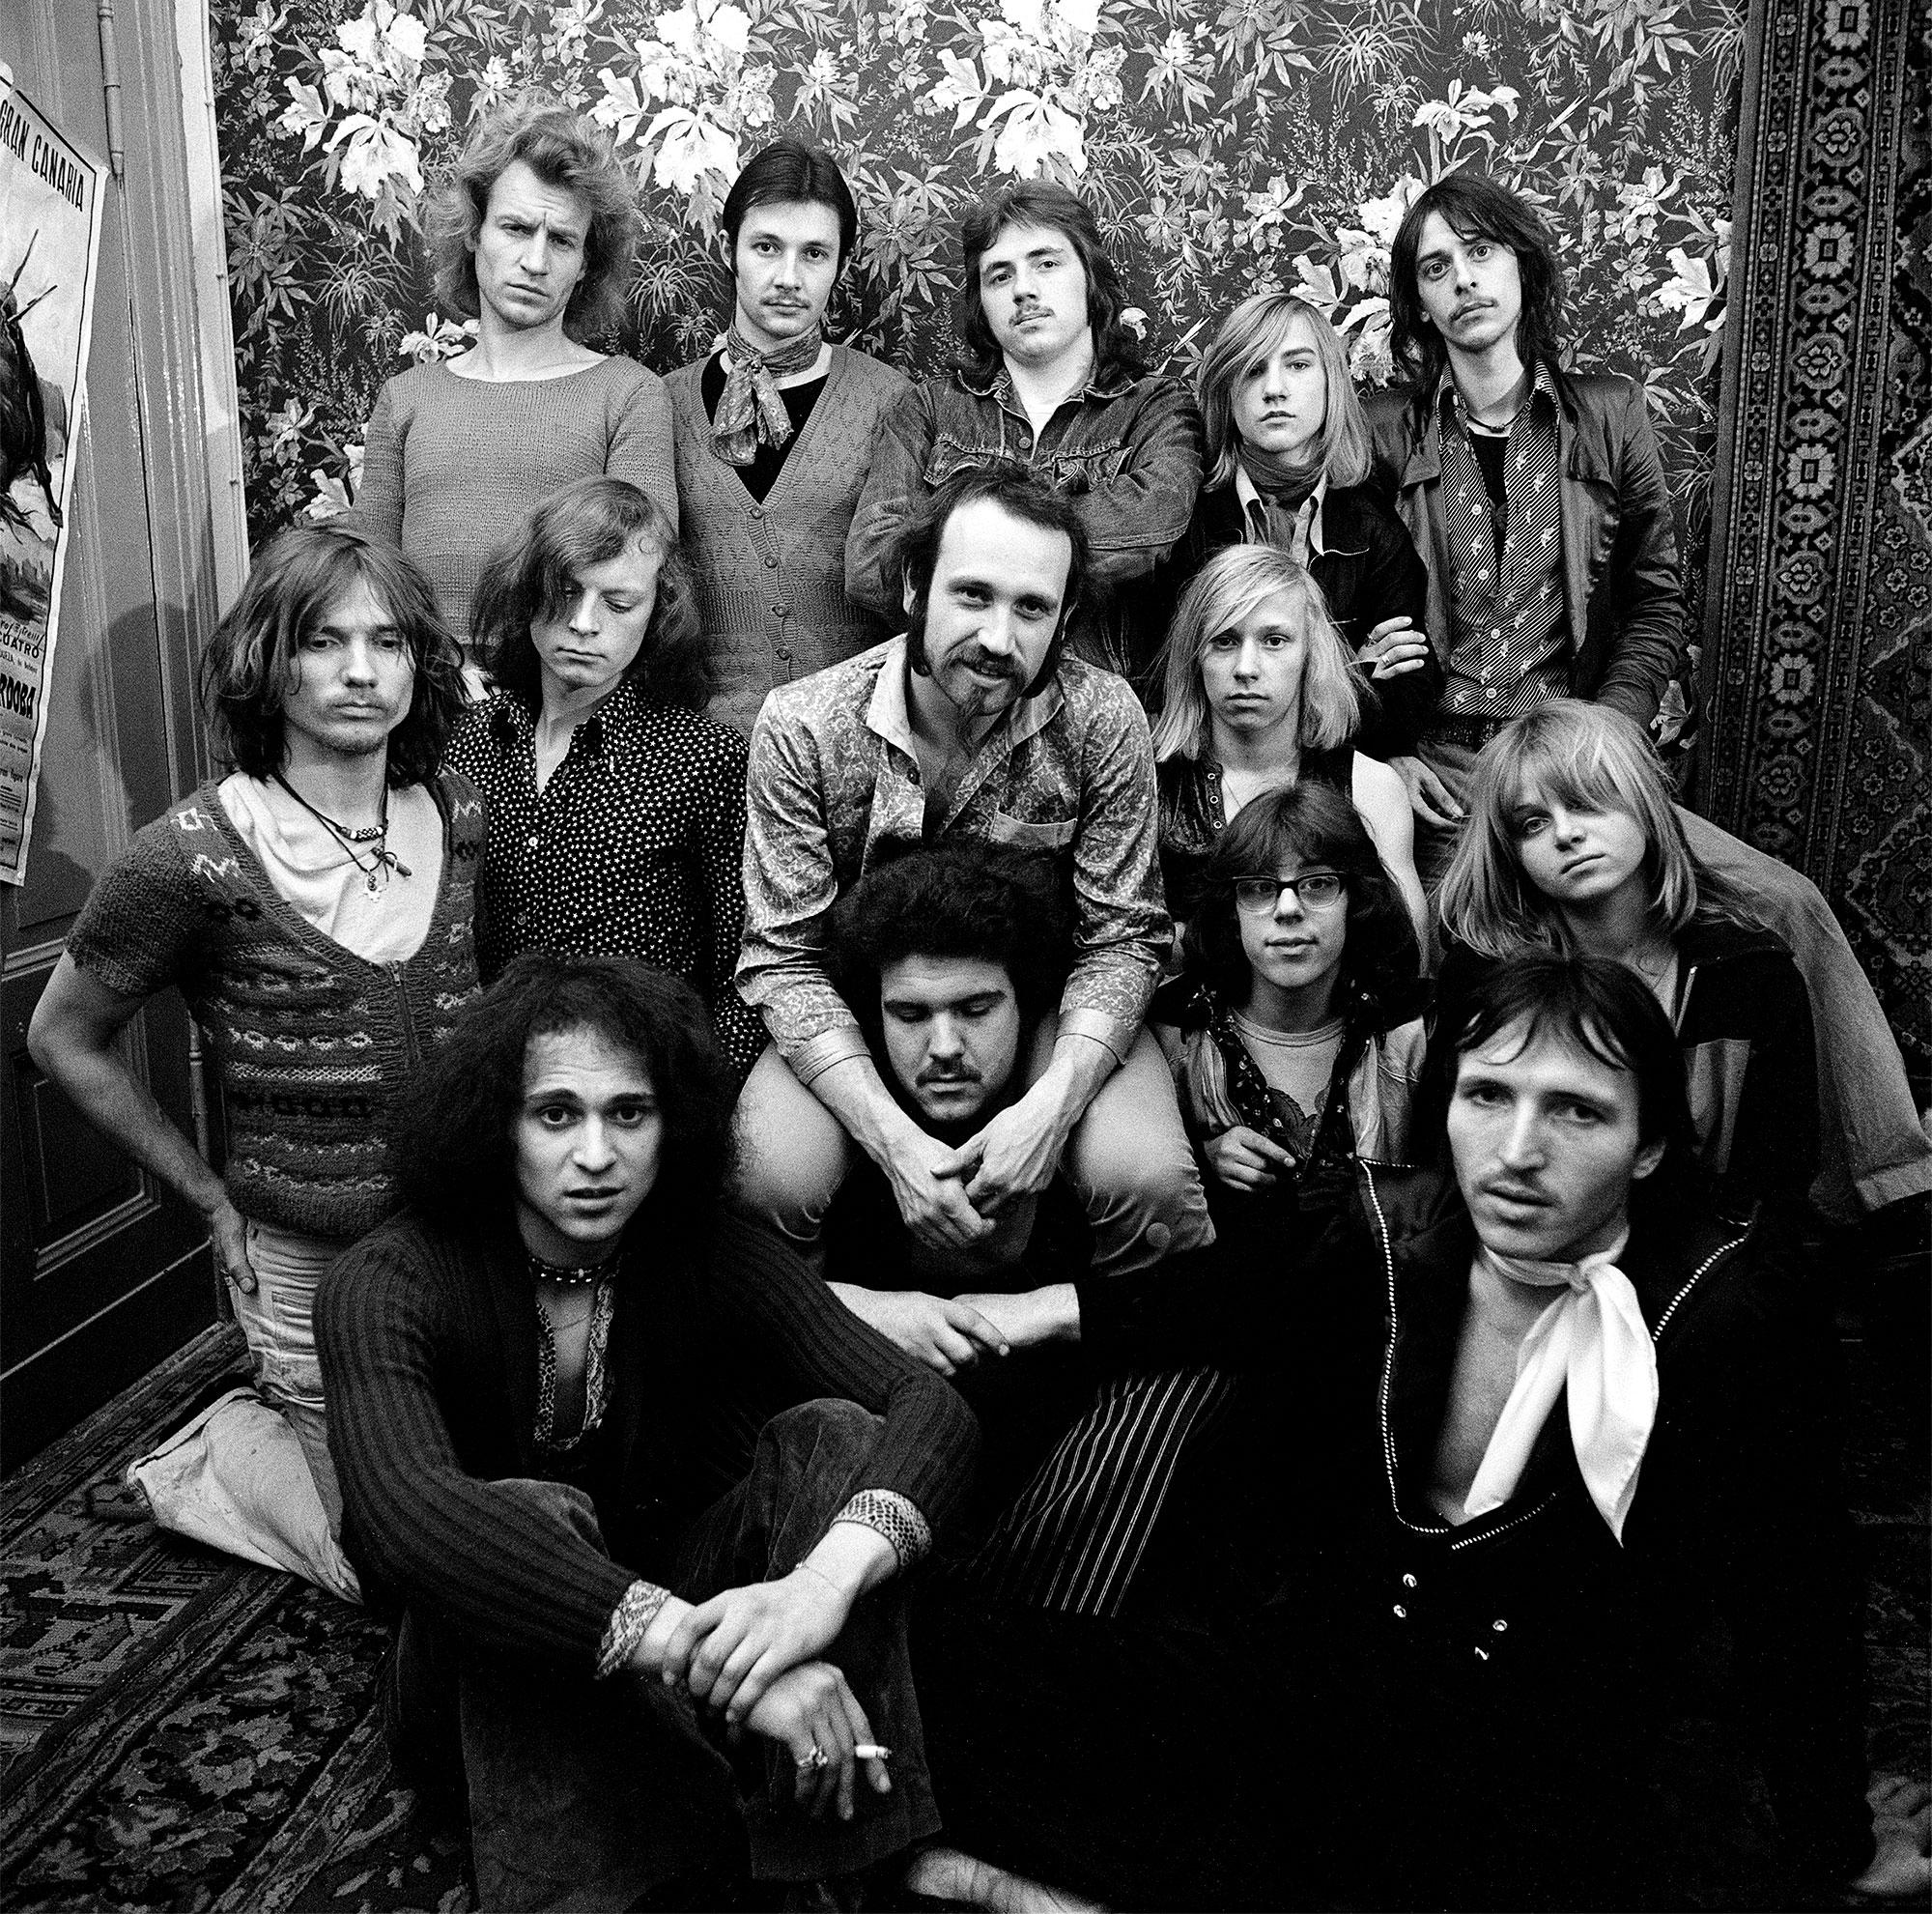 Berlin und Ton Steine Scherben: Die Ton Steine Scherben, 1970er-Jahre. Foto: Rita Kohmann